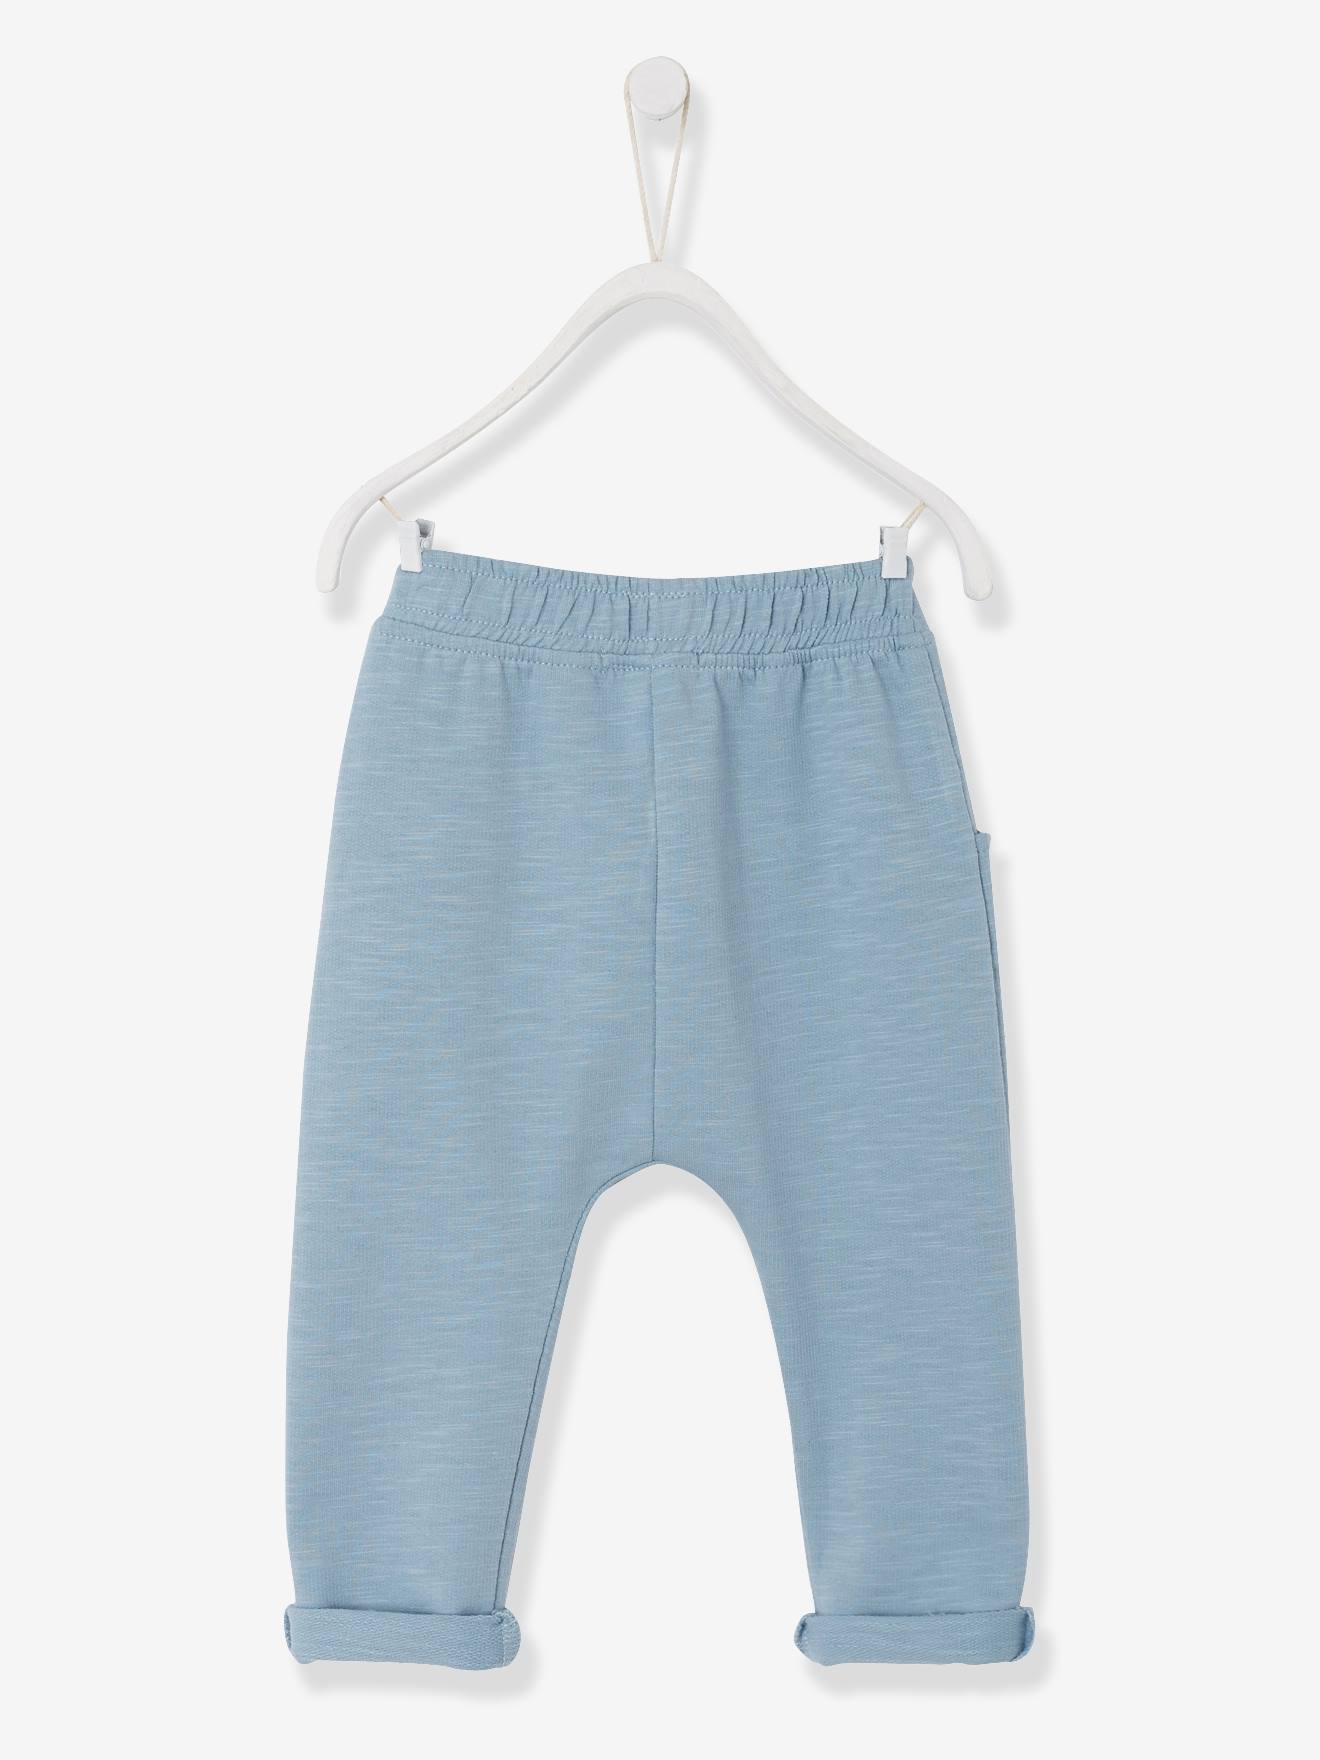 37cfe9917 Pantalón de felpa para bebé niño azul claro - Vertbaudet